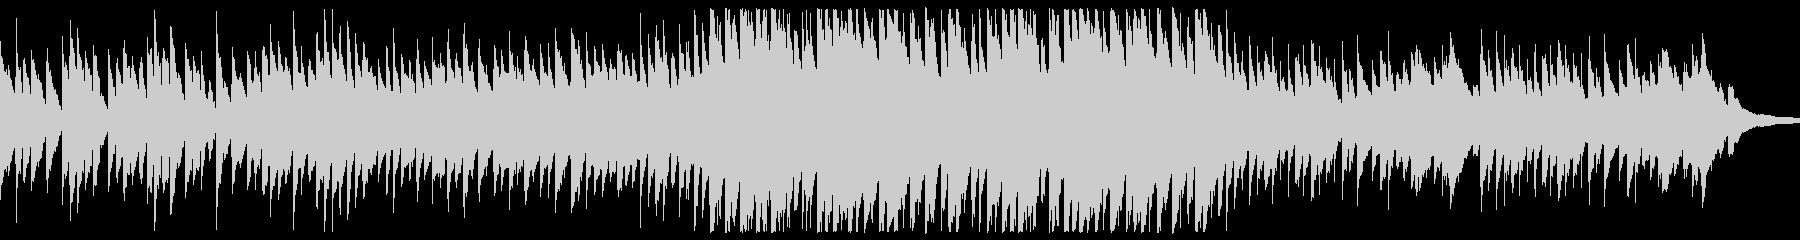 滝の流れの未再生の波形